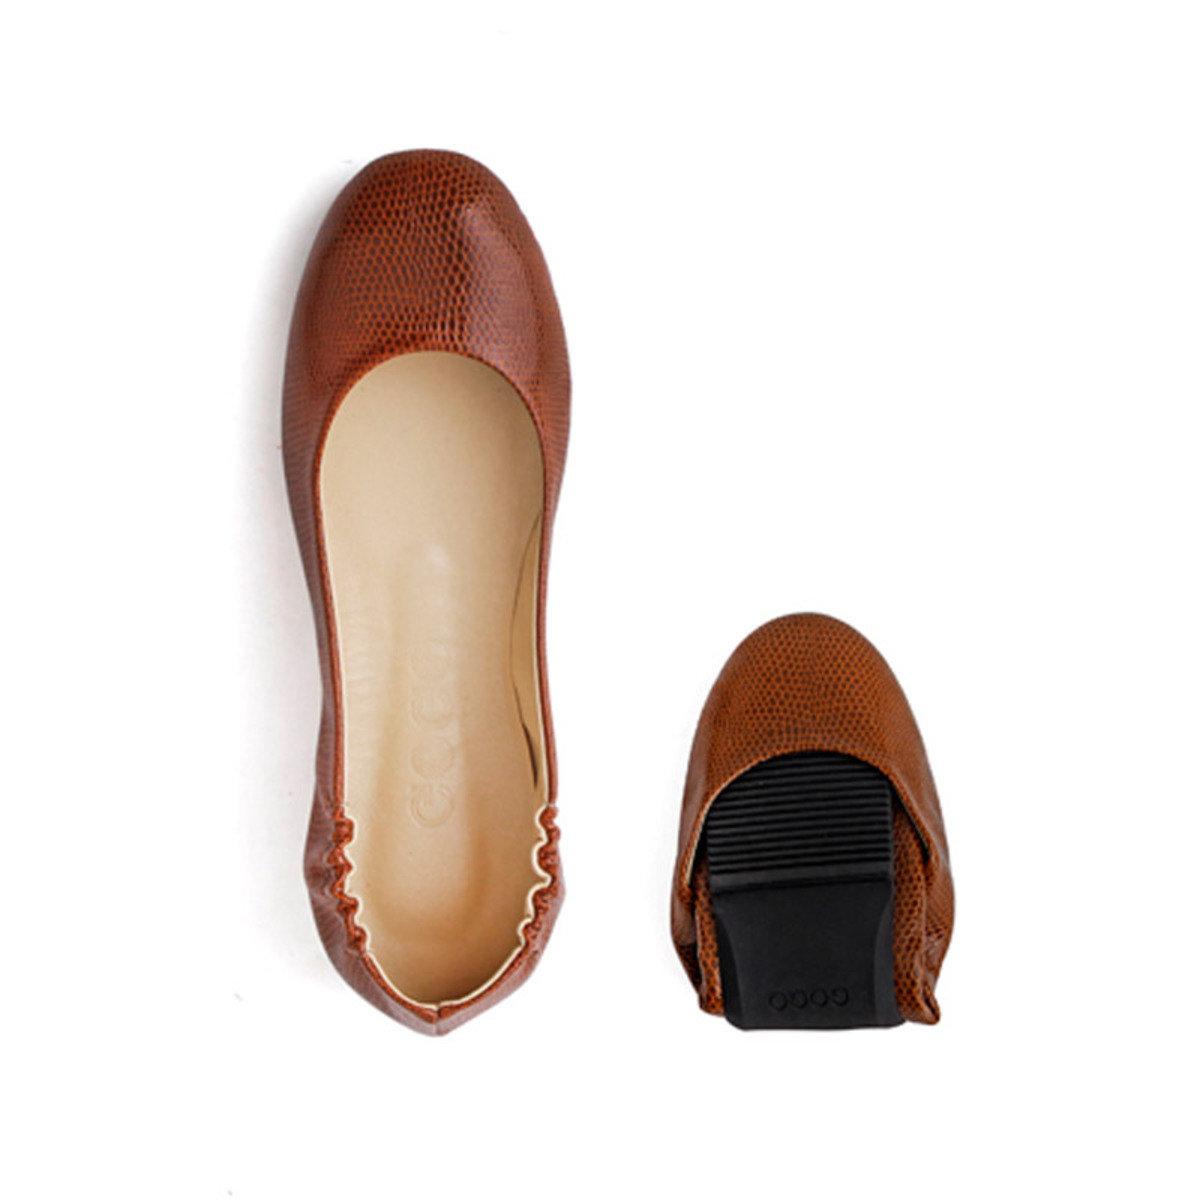 基本摺疊式平底鞋_GOGO_5BR